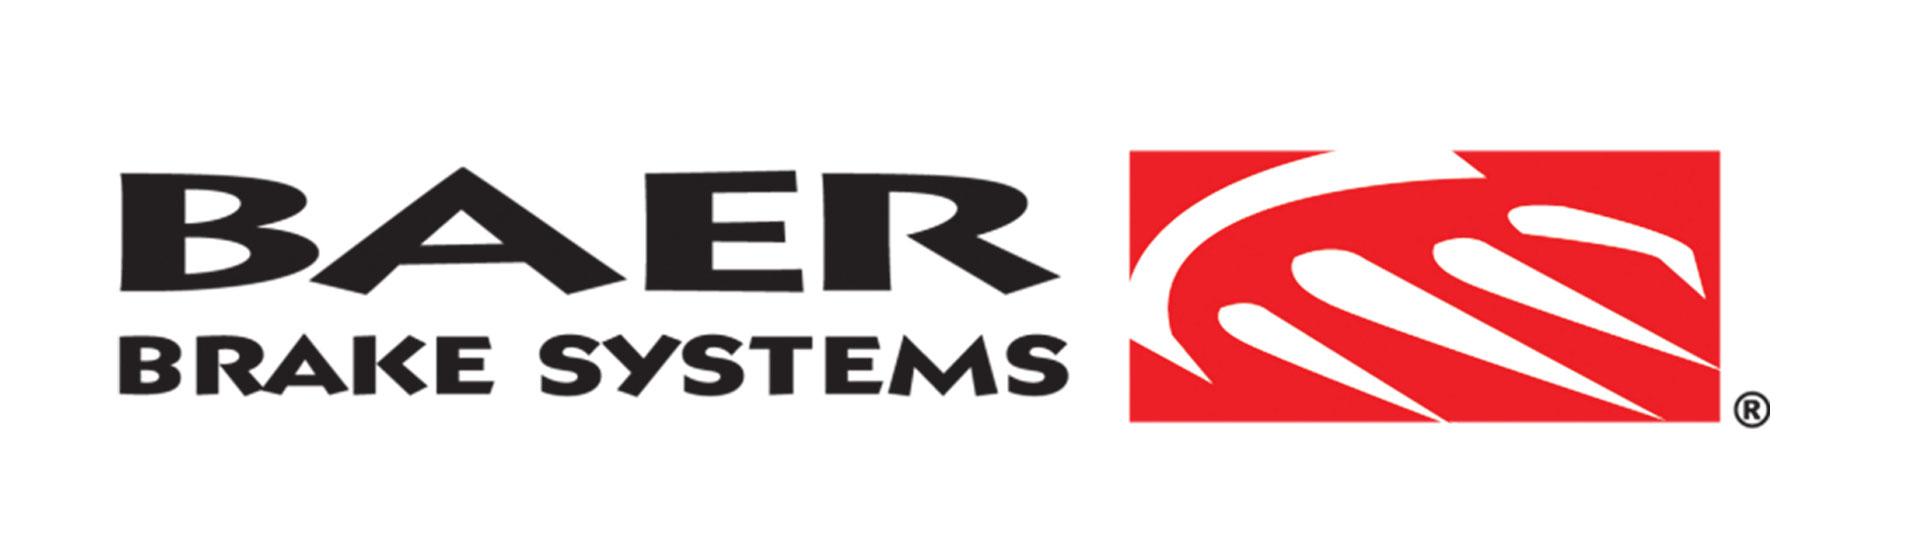 Baer Brake Systems logo